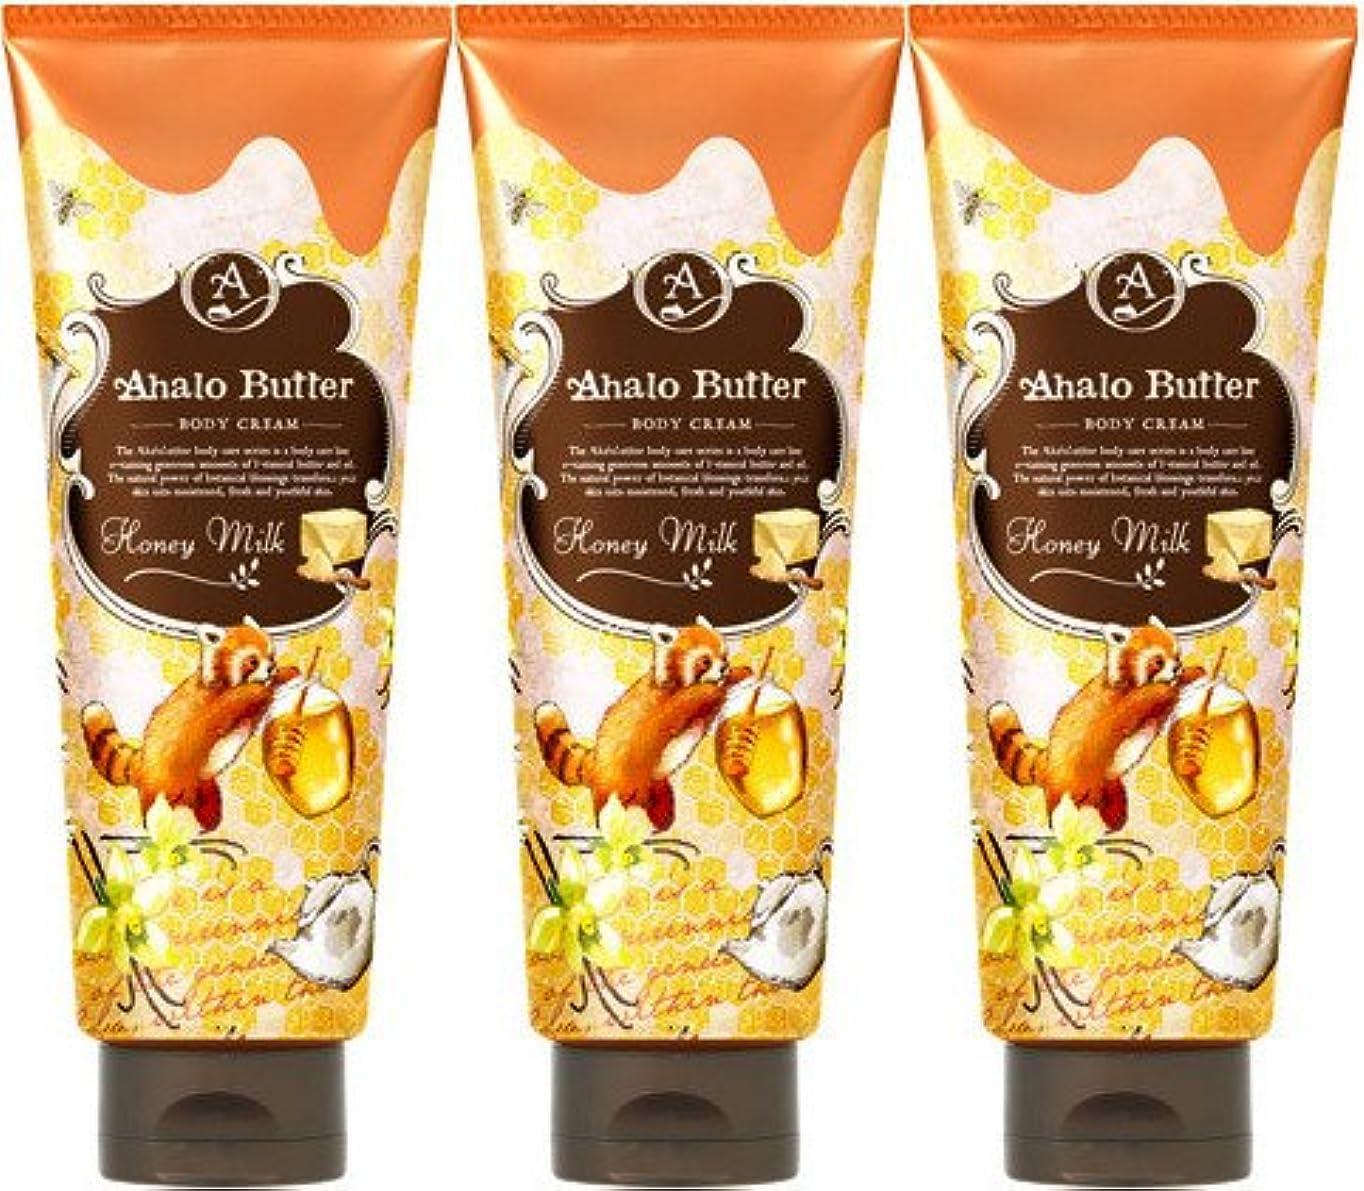 メダルナサニエル区国民投票【3個セット】Ahalo butter(アハロバター) ボディクリーム ハニーミルク 150g